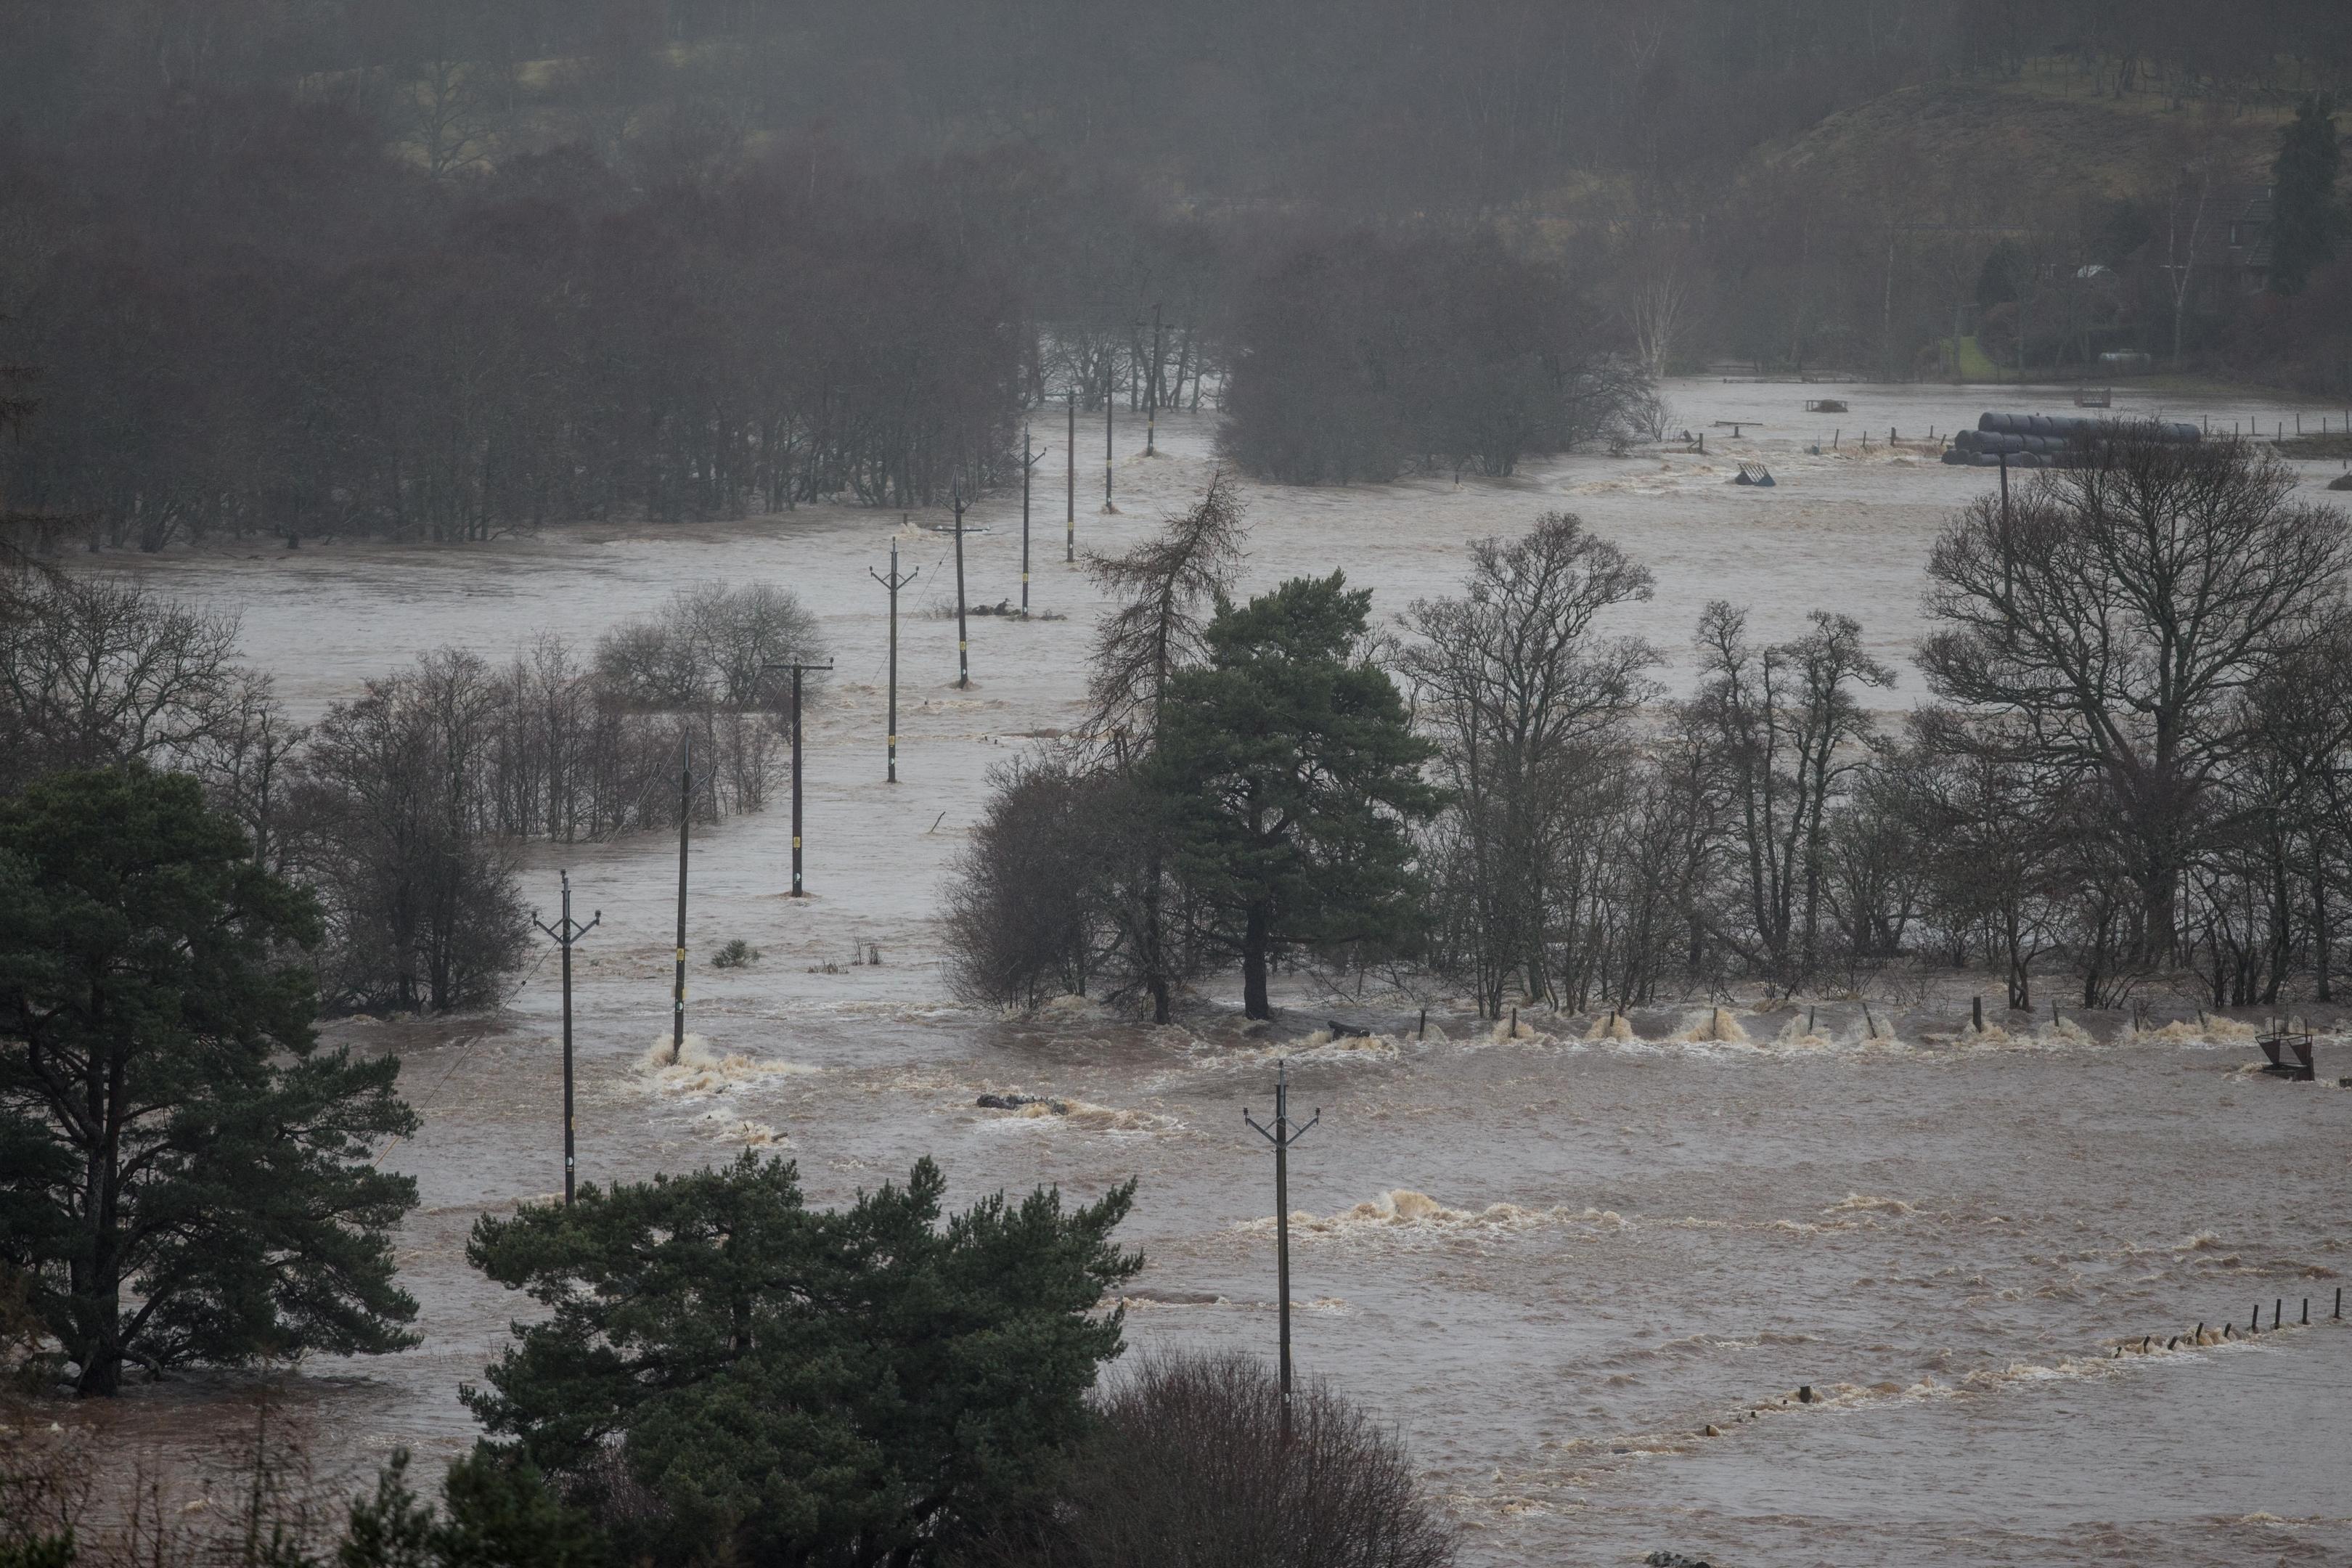 Severe flooding along Royal Deeside